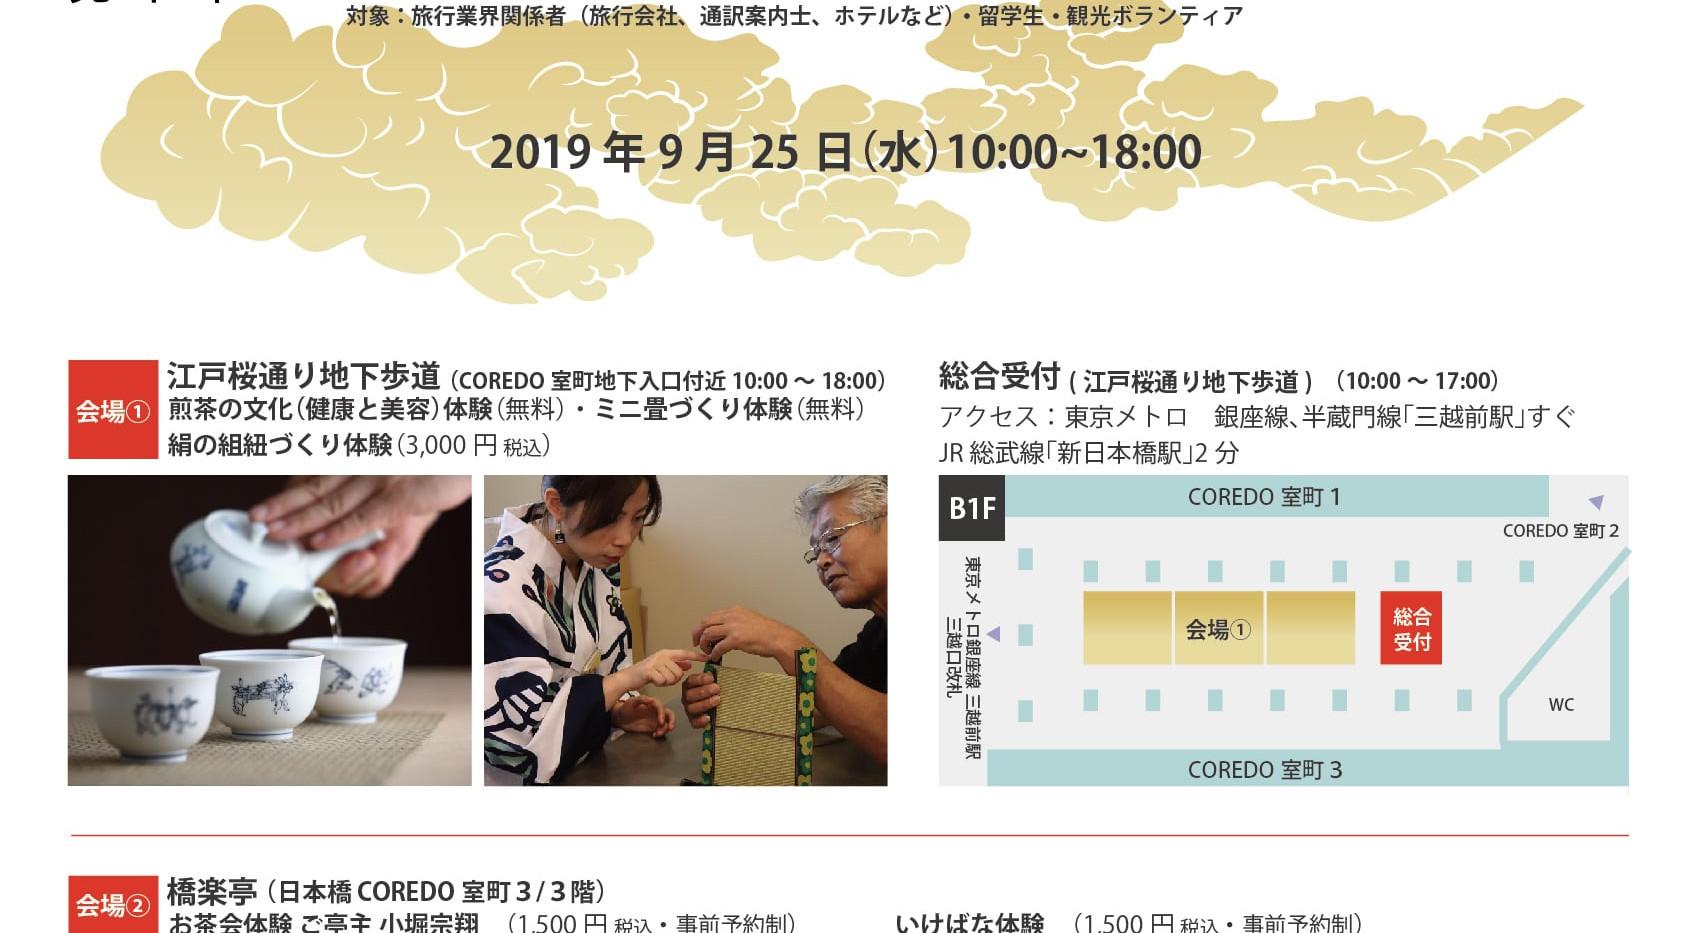 日本橋和文化体験見本市2019 / チラシ裏